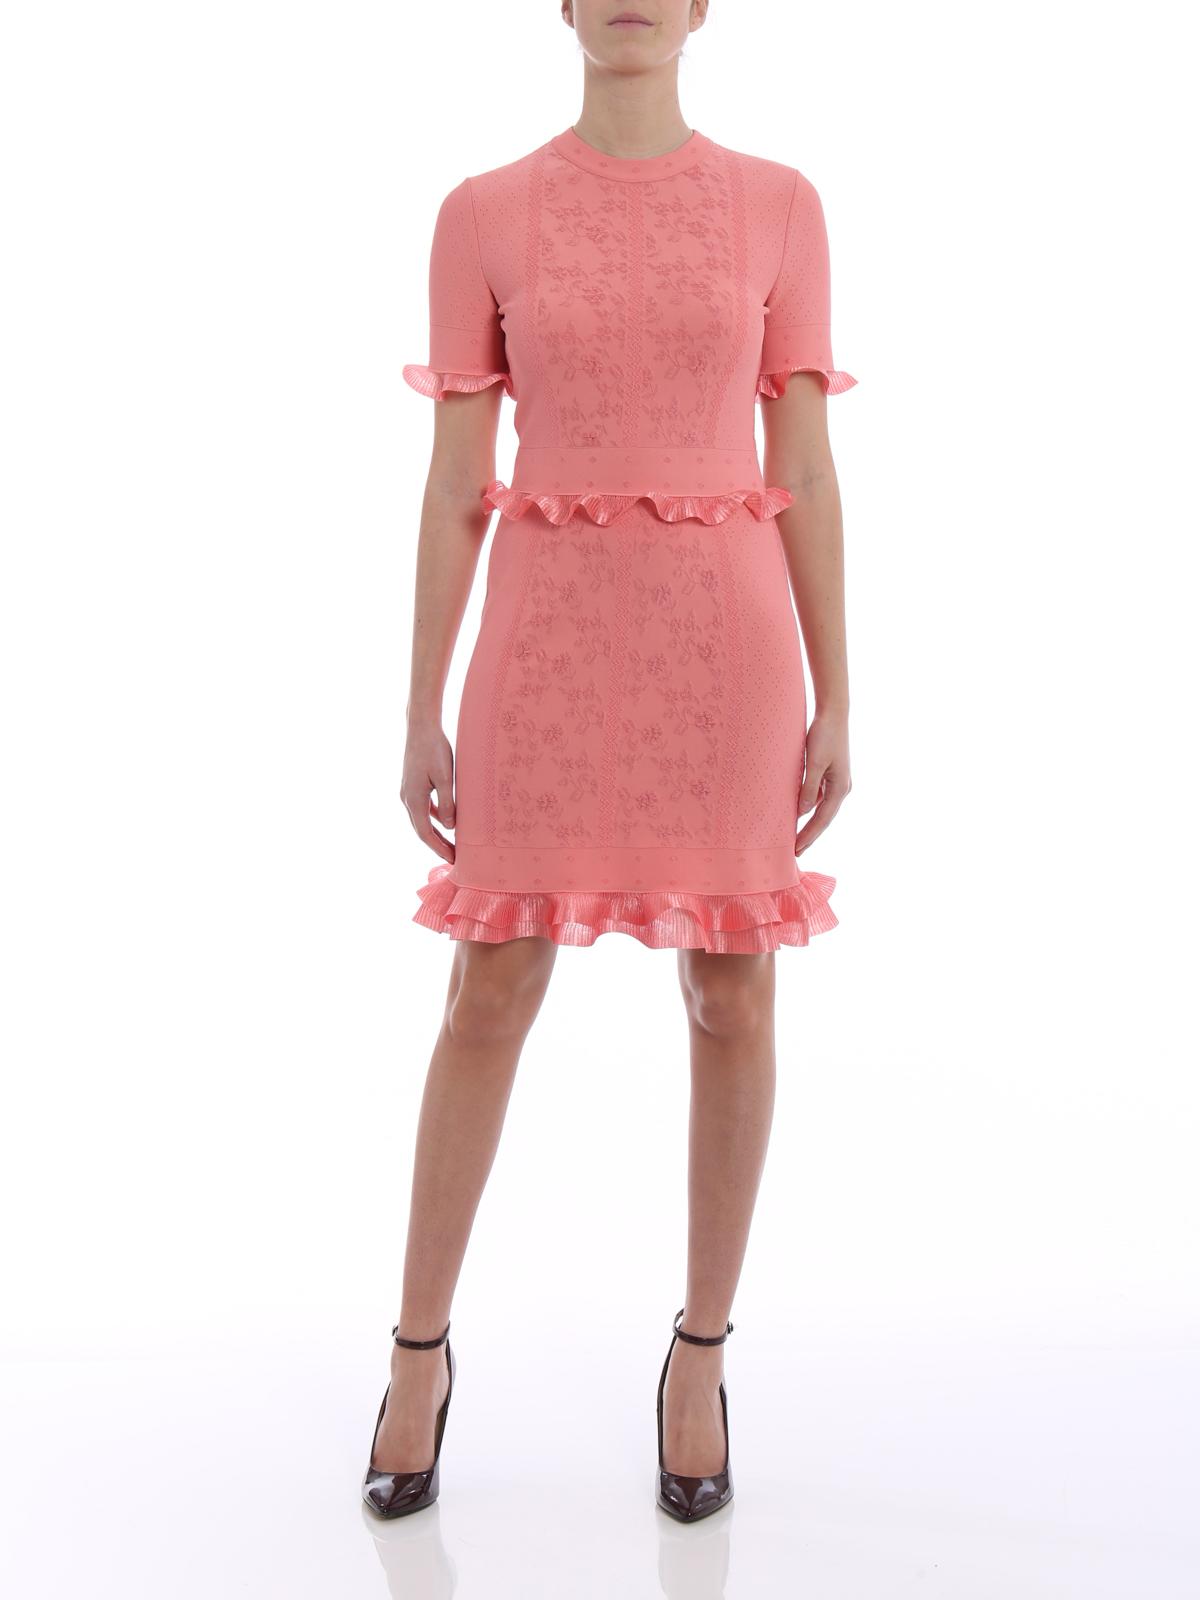 Encantador Mcqueen Wedding Dress Ornamento - Colección de Vestidos ...